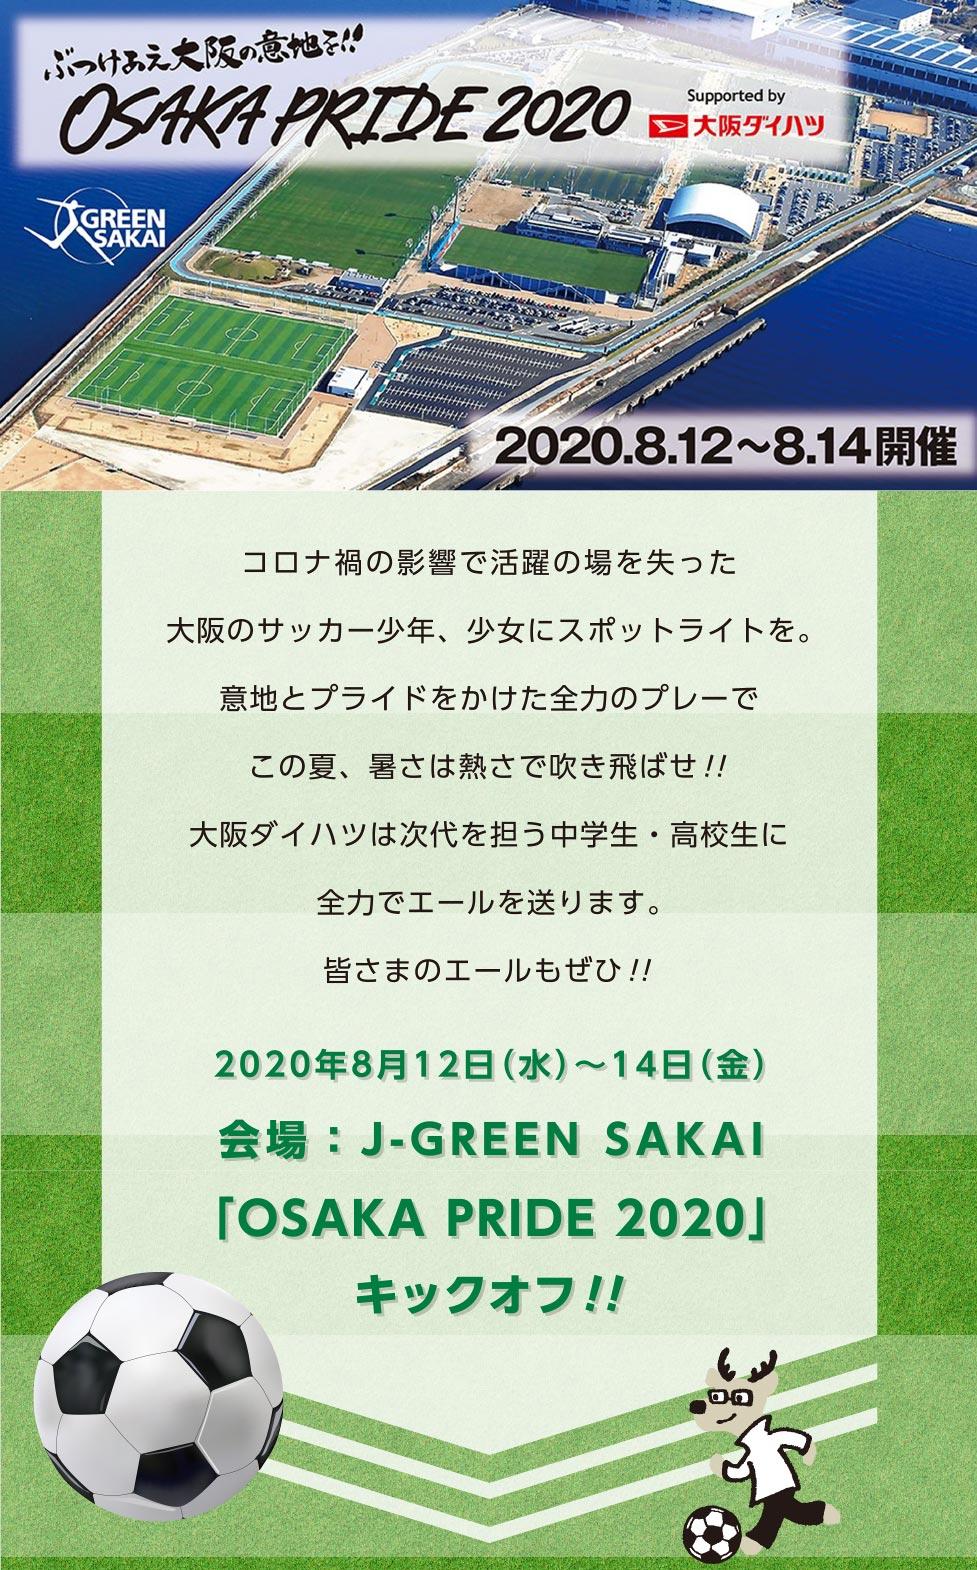 中高生サッカー大会OSAKA PRIDE 2020